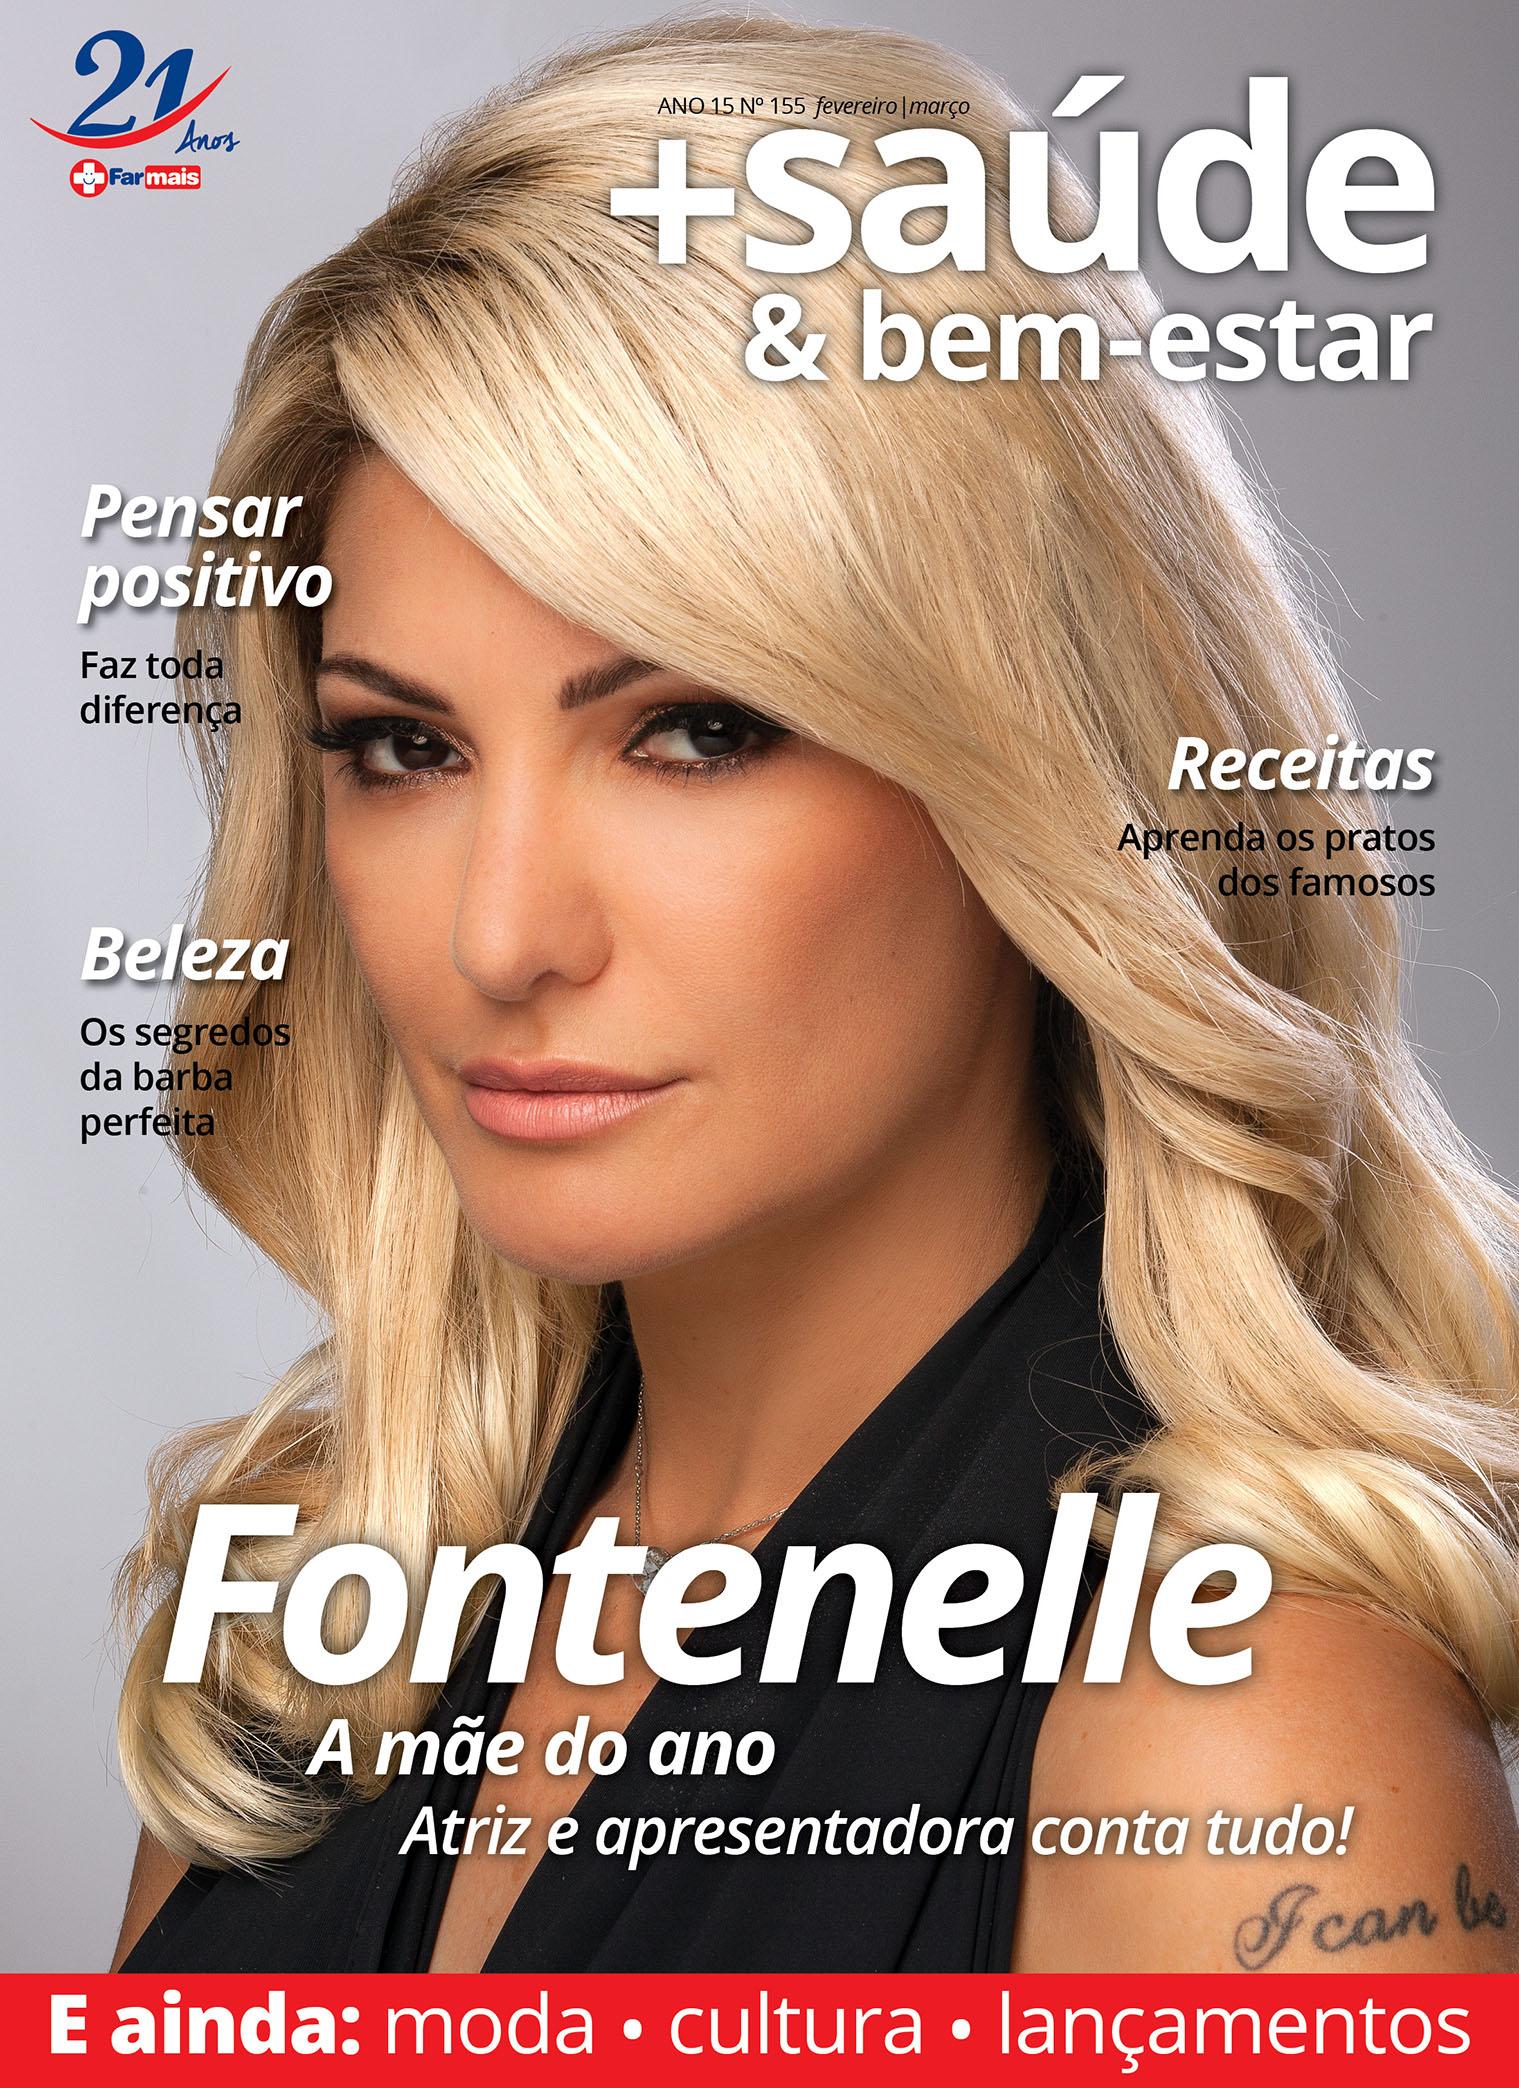 Revista FarMais | Ed.155